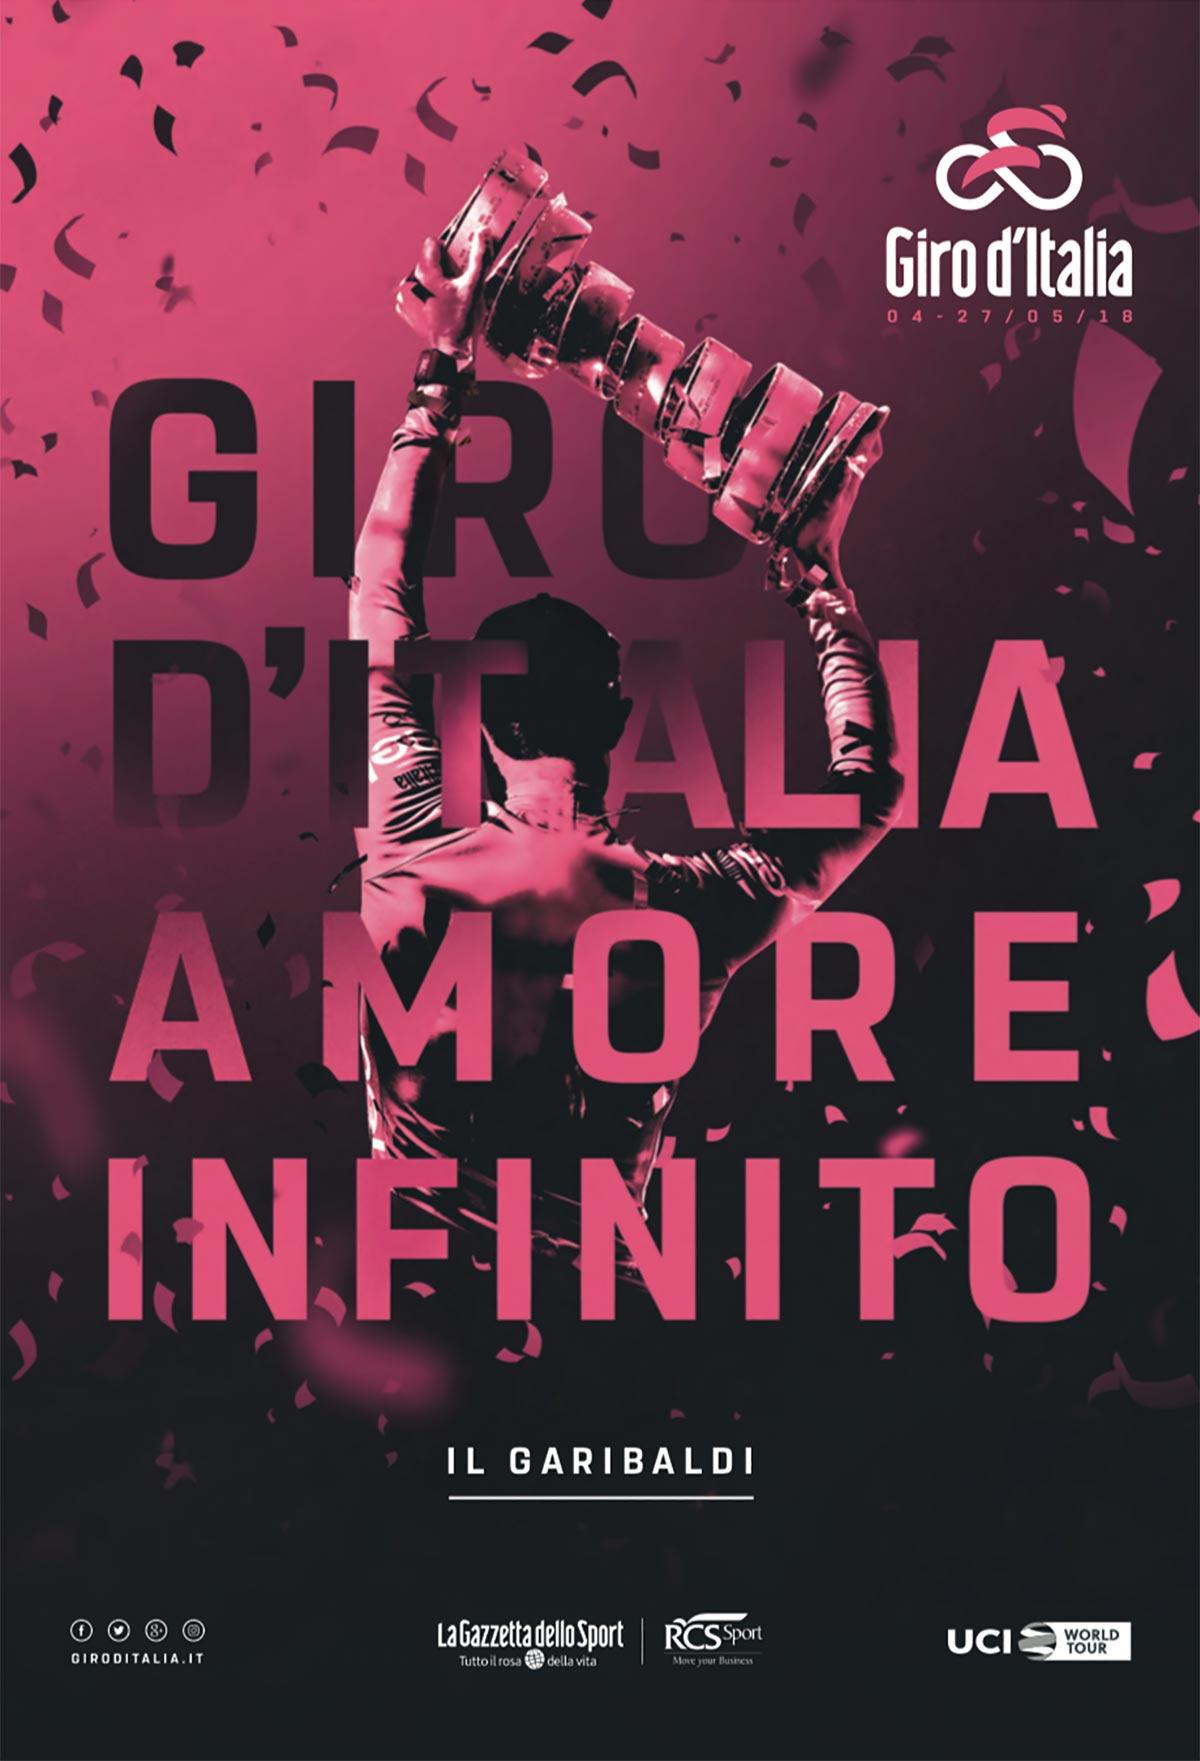 Il Garibaldi, la guida al Giro d'Italia 2018